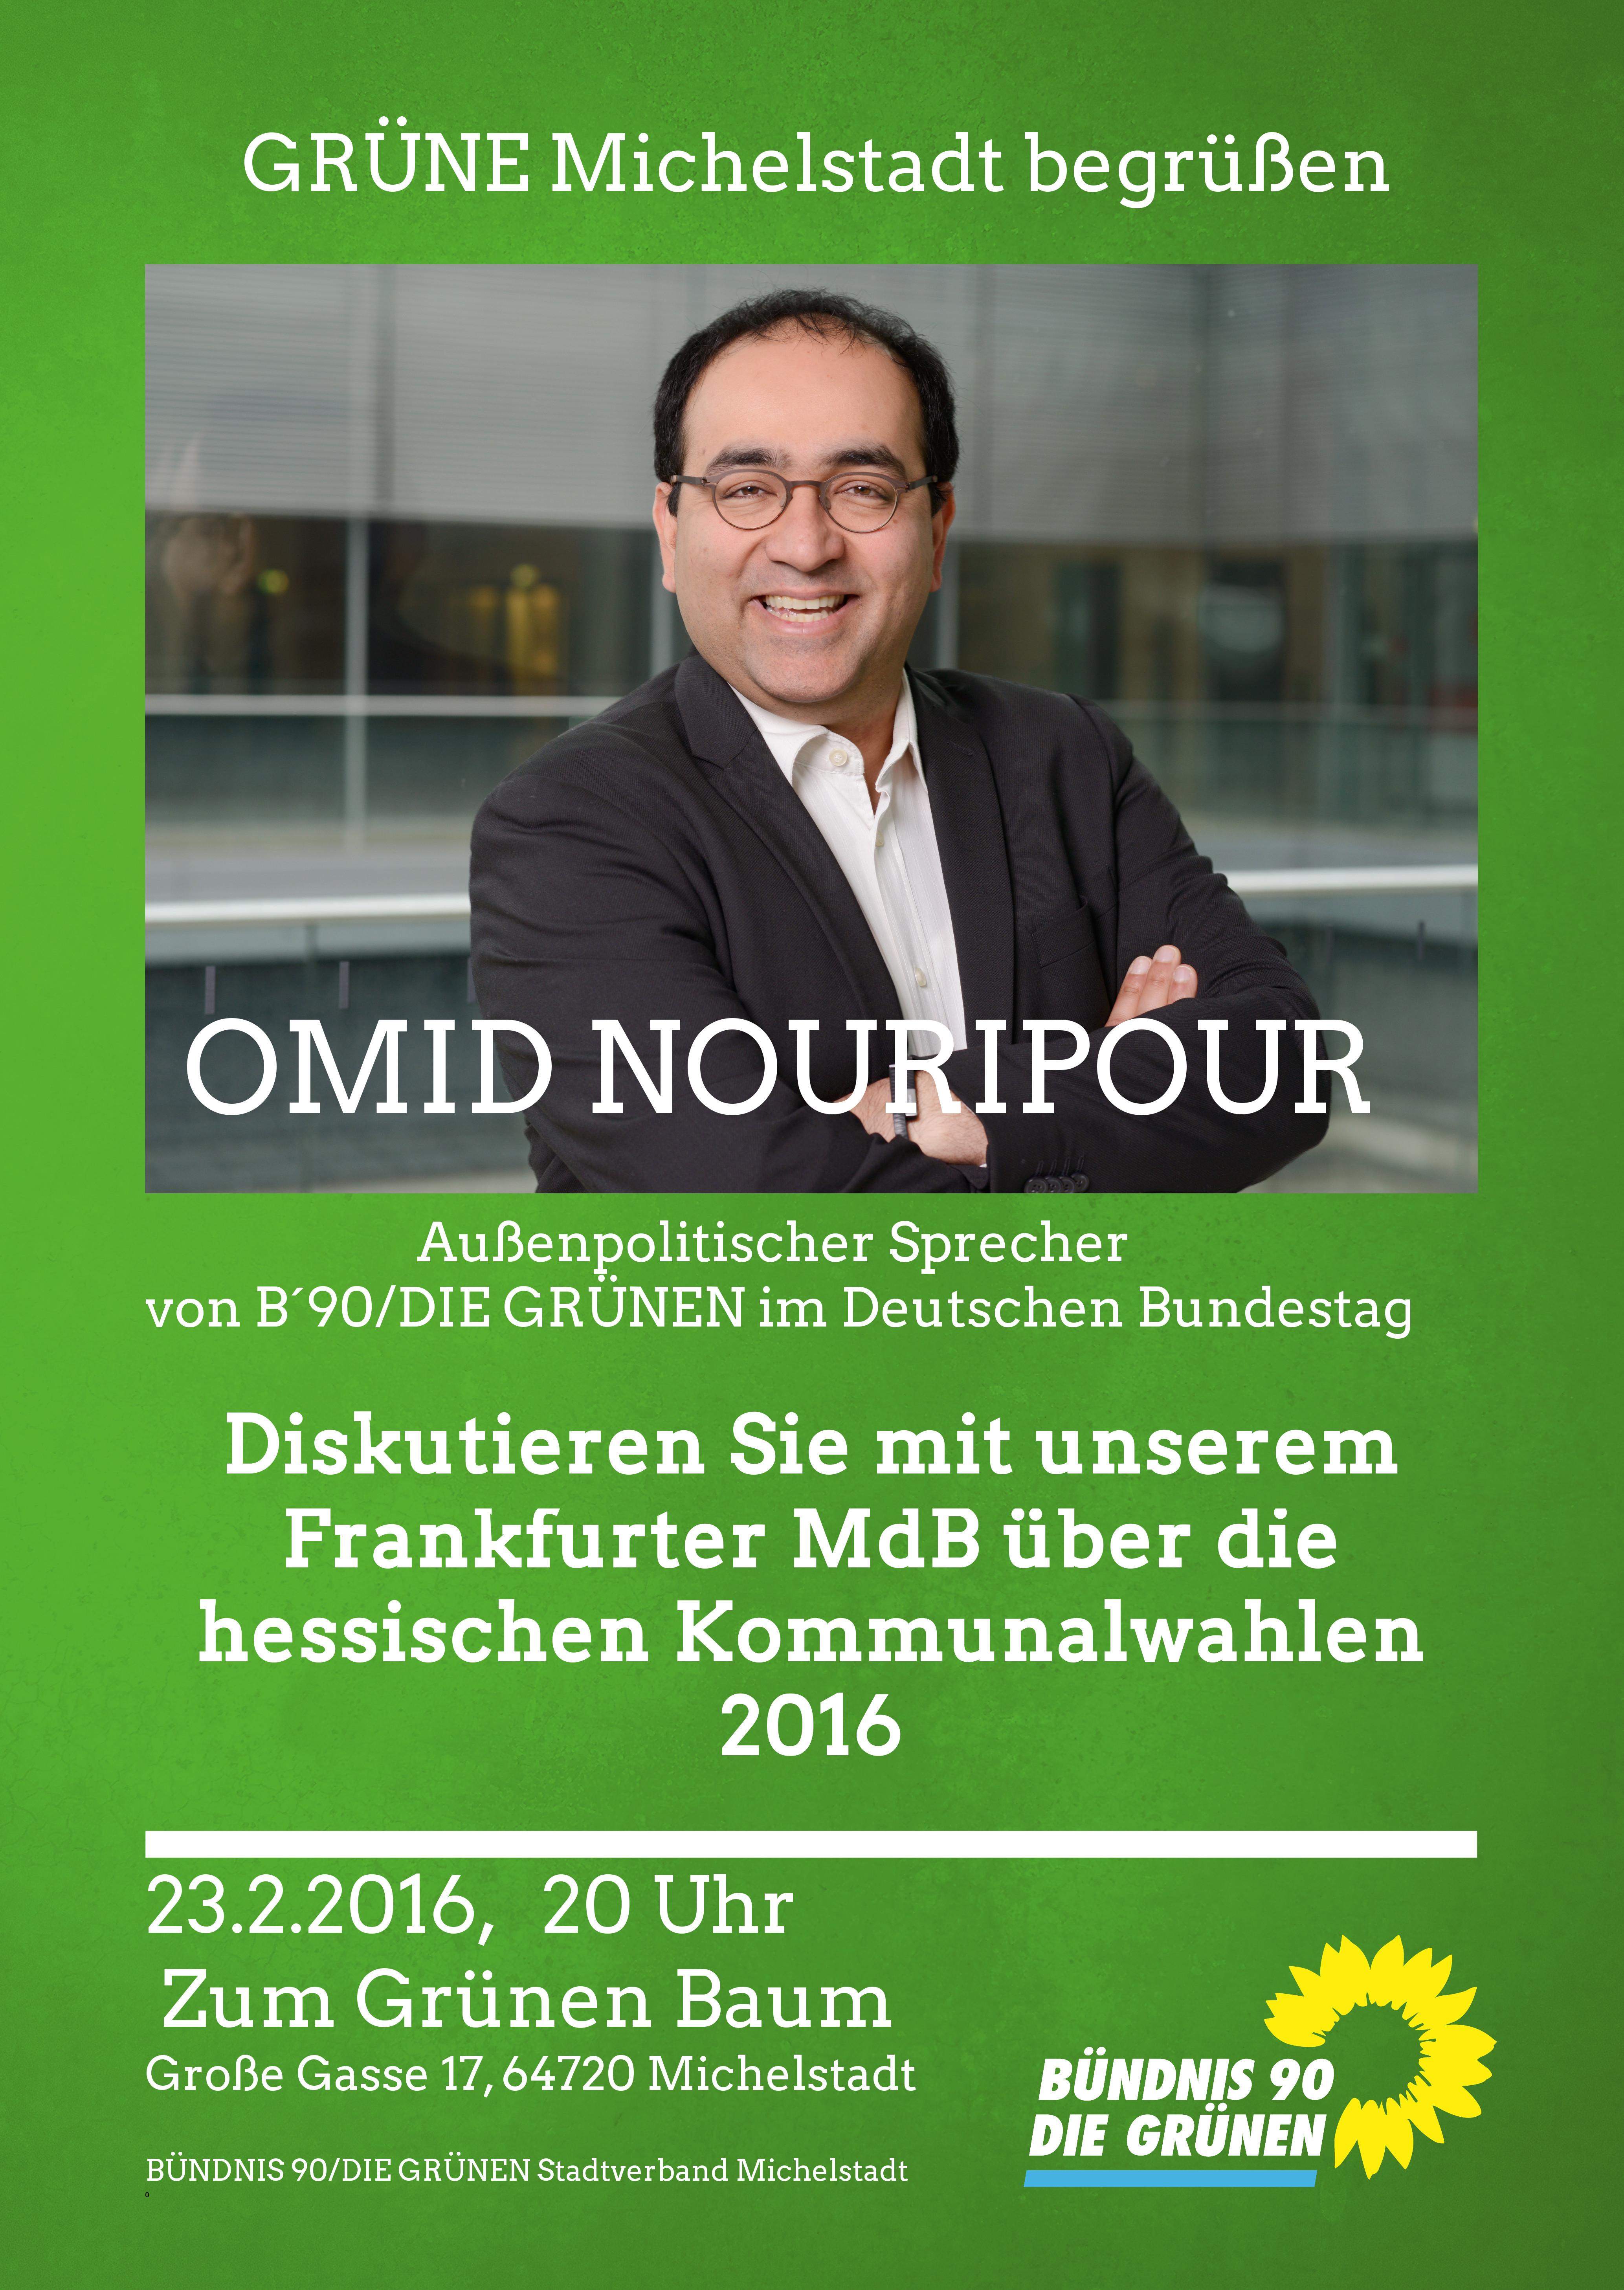 Flüchtlinge, Türkei, Menschenrechte, Omid Nouripour, MdB, Frankfurt, Michelstadt, Außenpolitik